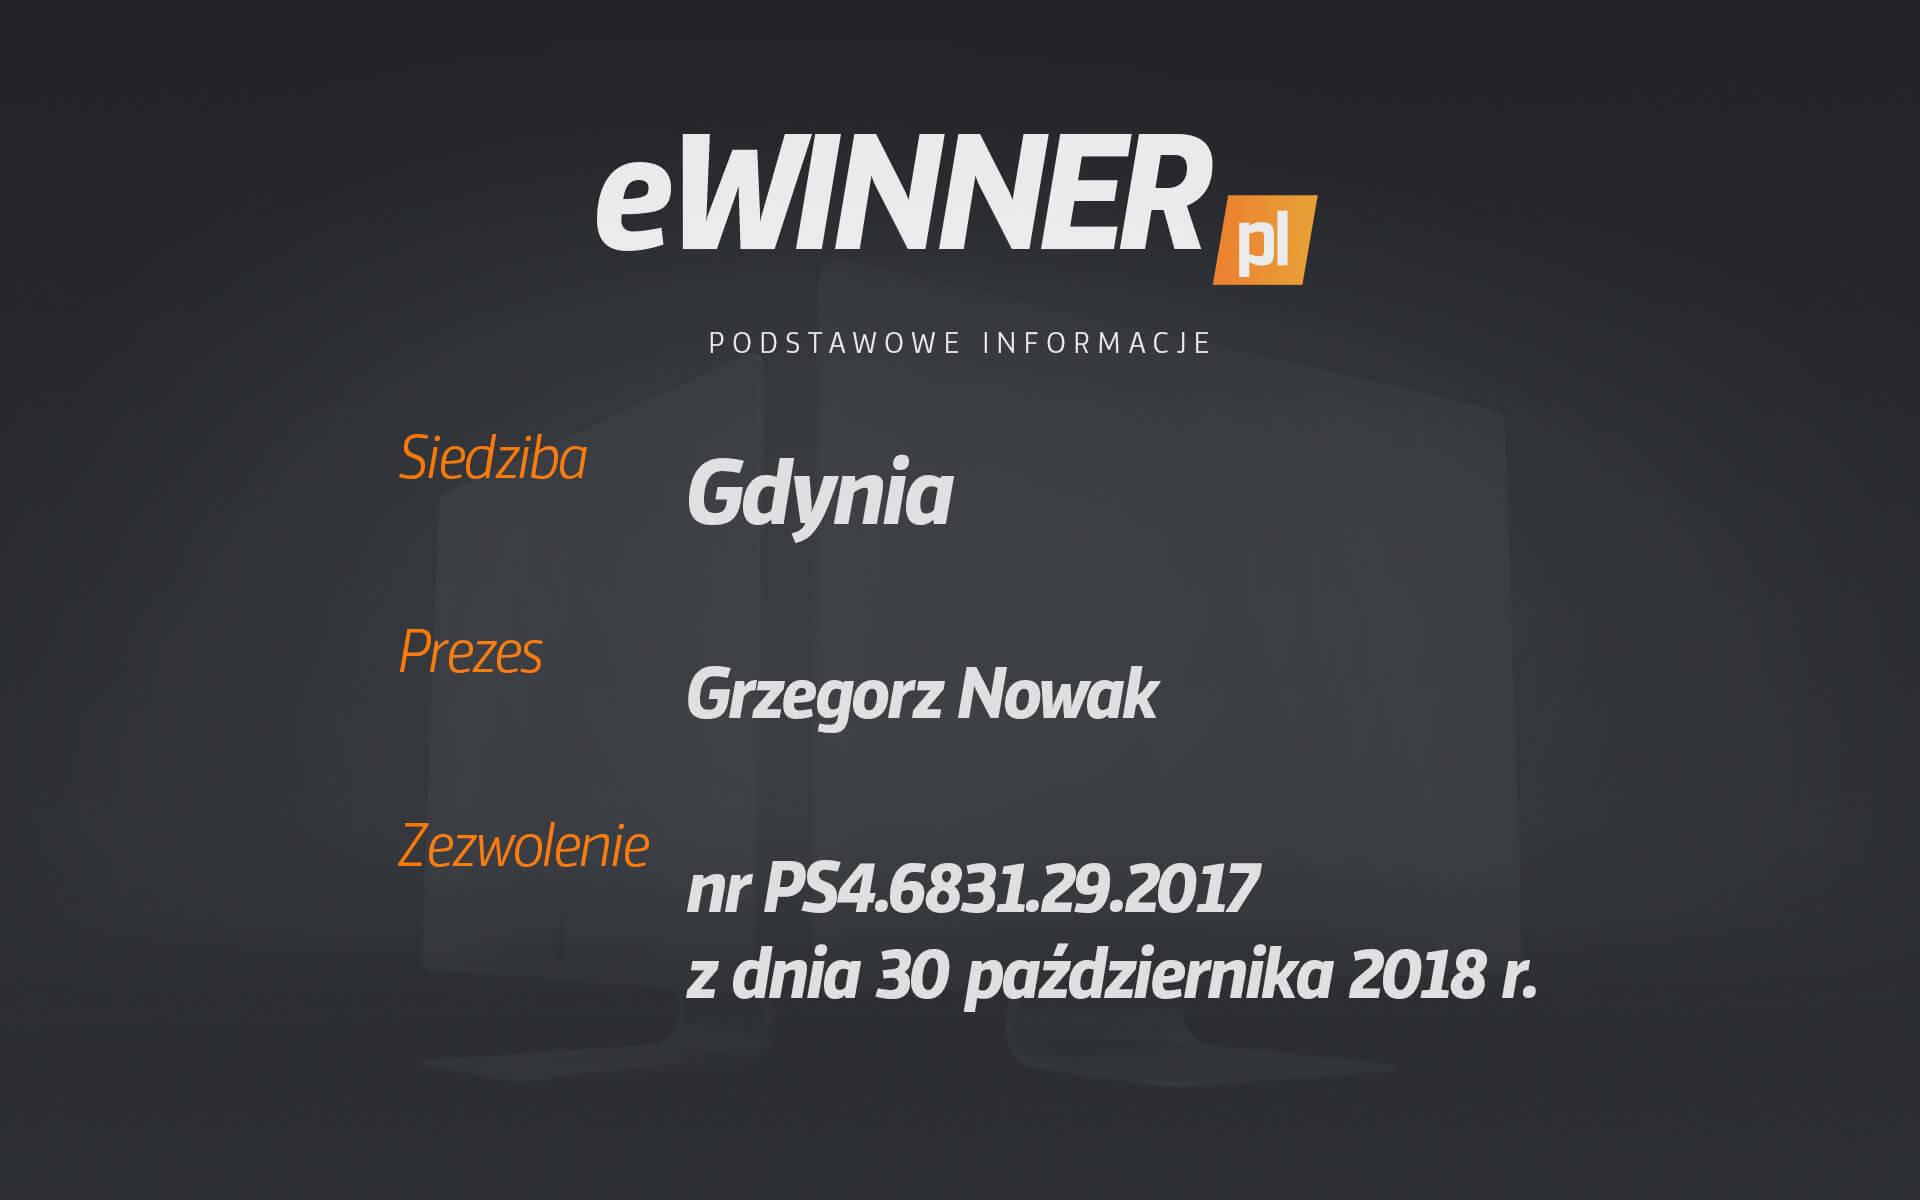 Informacje o eWinner